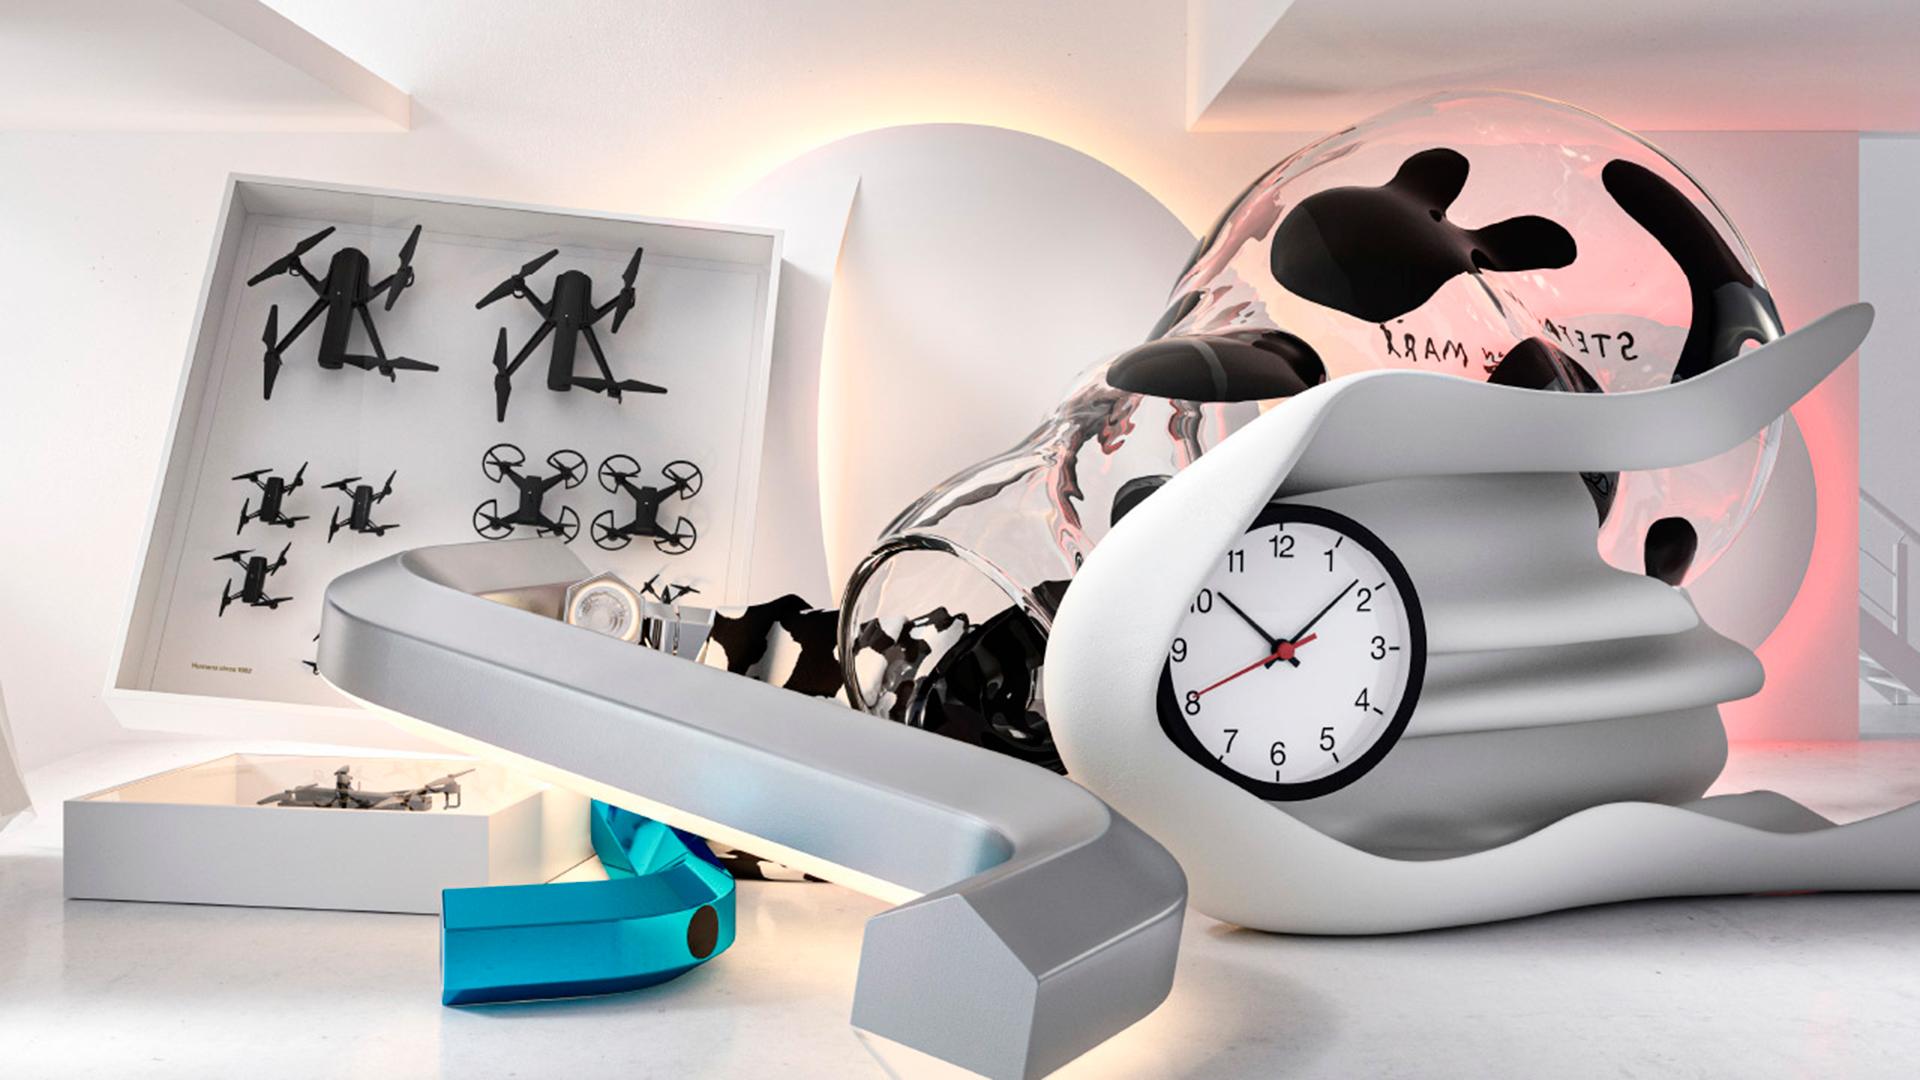 Тренды 2020/2021: часы Дэниела Аршама и светильники Сабин Марселиз в капсульной коллекции